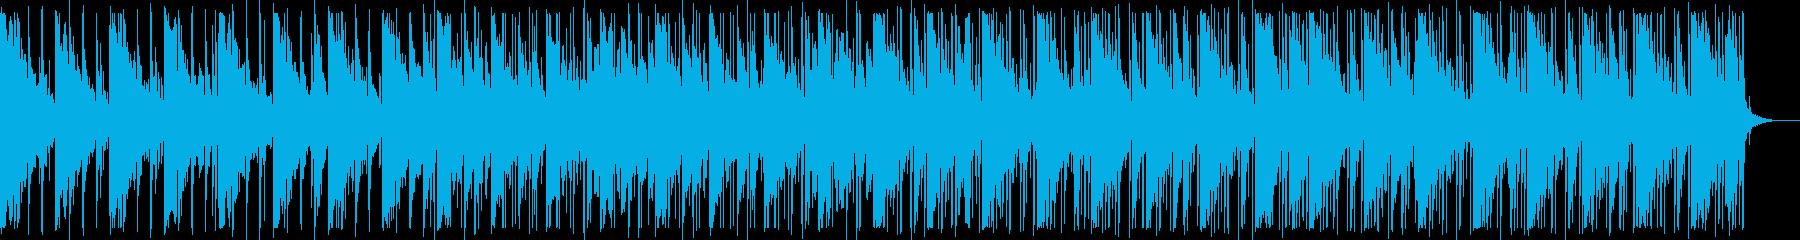 とろけそうなハウス_No641_3の再生済みの波形